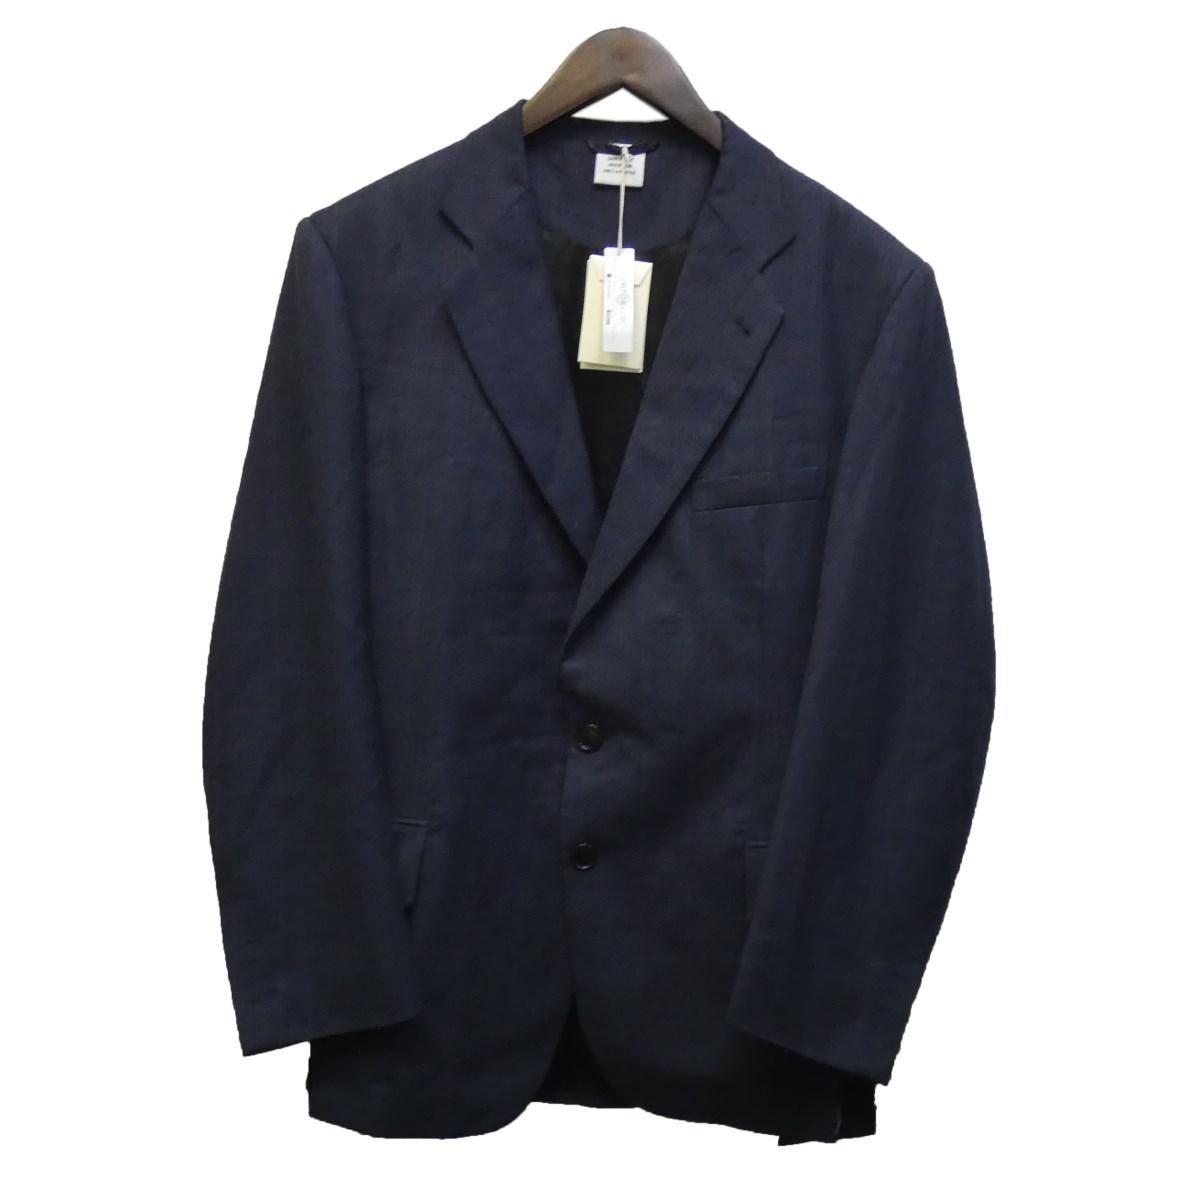 【中古】VETEMENTS 20SS 「Cut-out Jacket」カットアウトテーラードジャケット ネイビーチェック サイズ:S 【130420】(ヴェトモン)